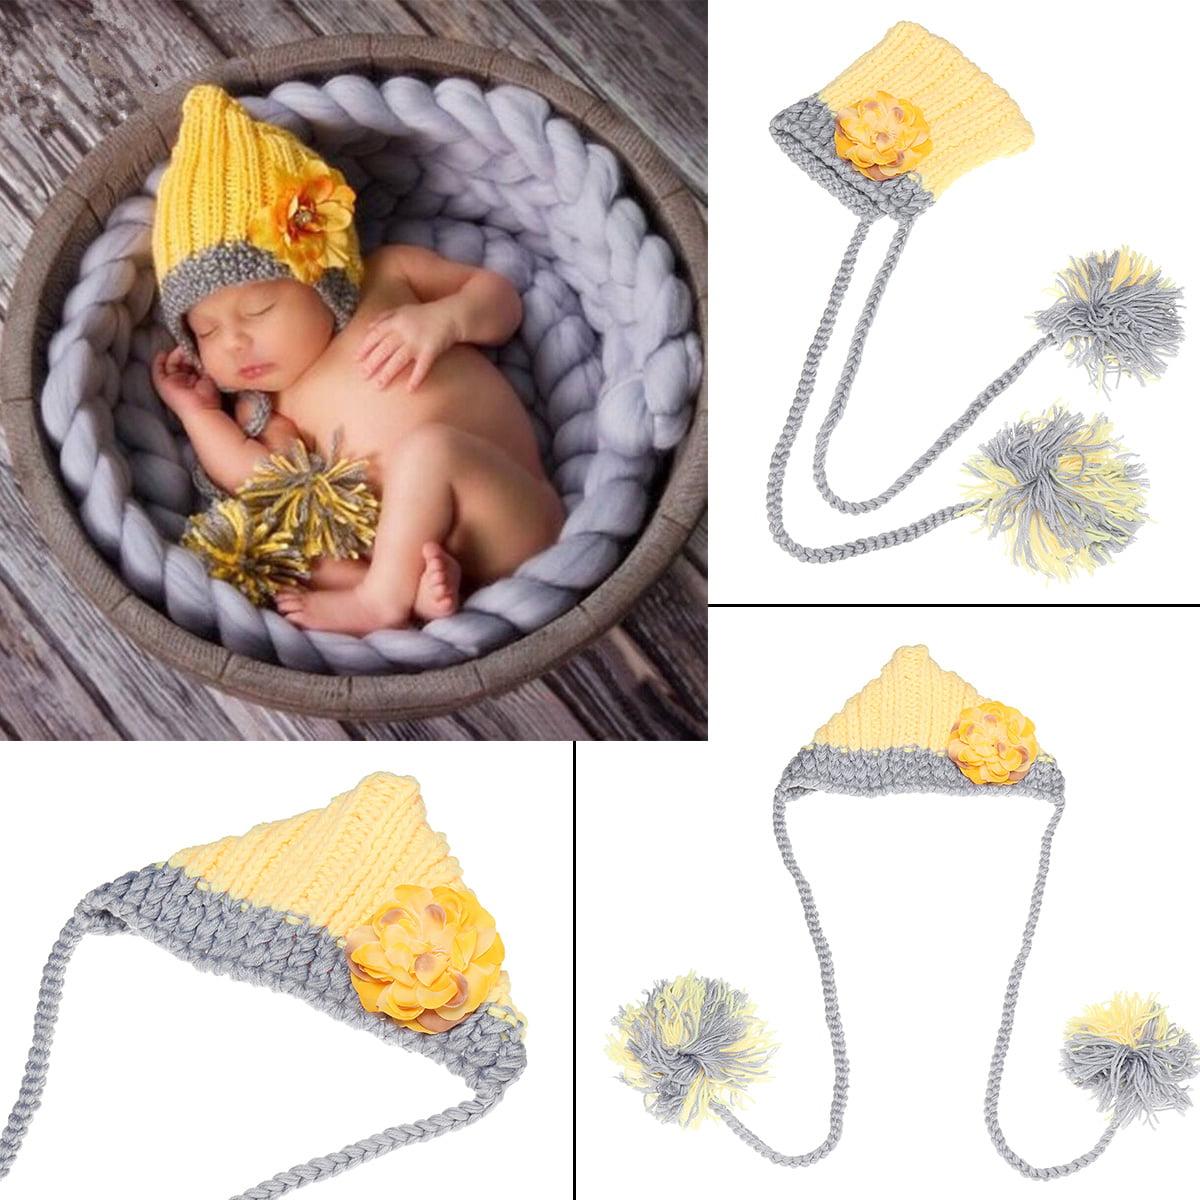 6a68d44ac Unisex Newborn Baby Handmade Soft Kintted Crochet Yellow Flower Hat ...